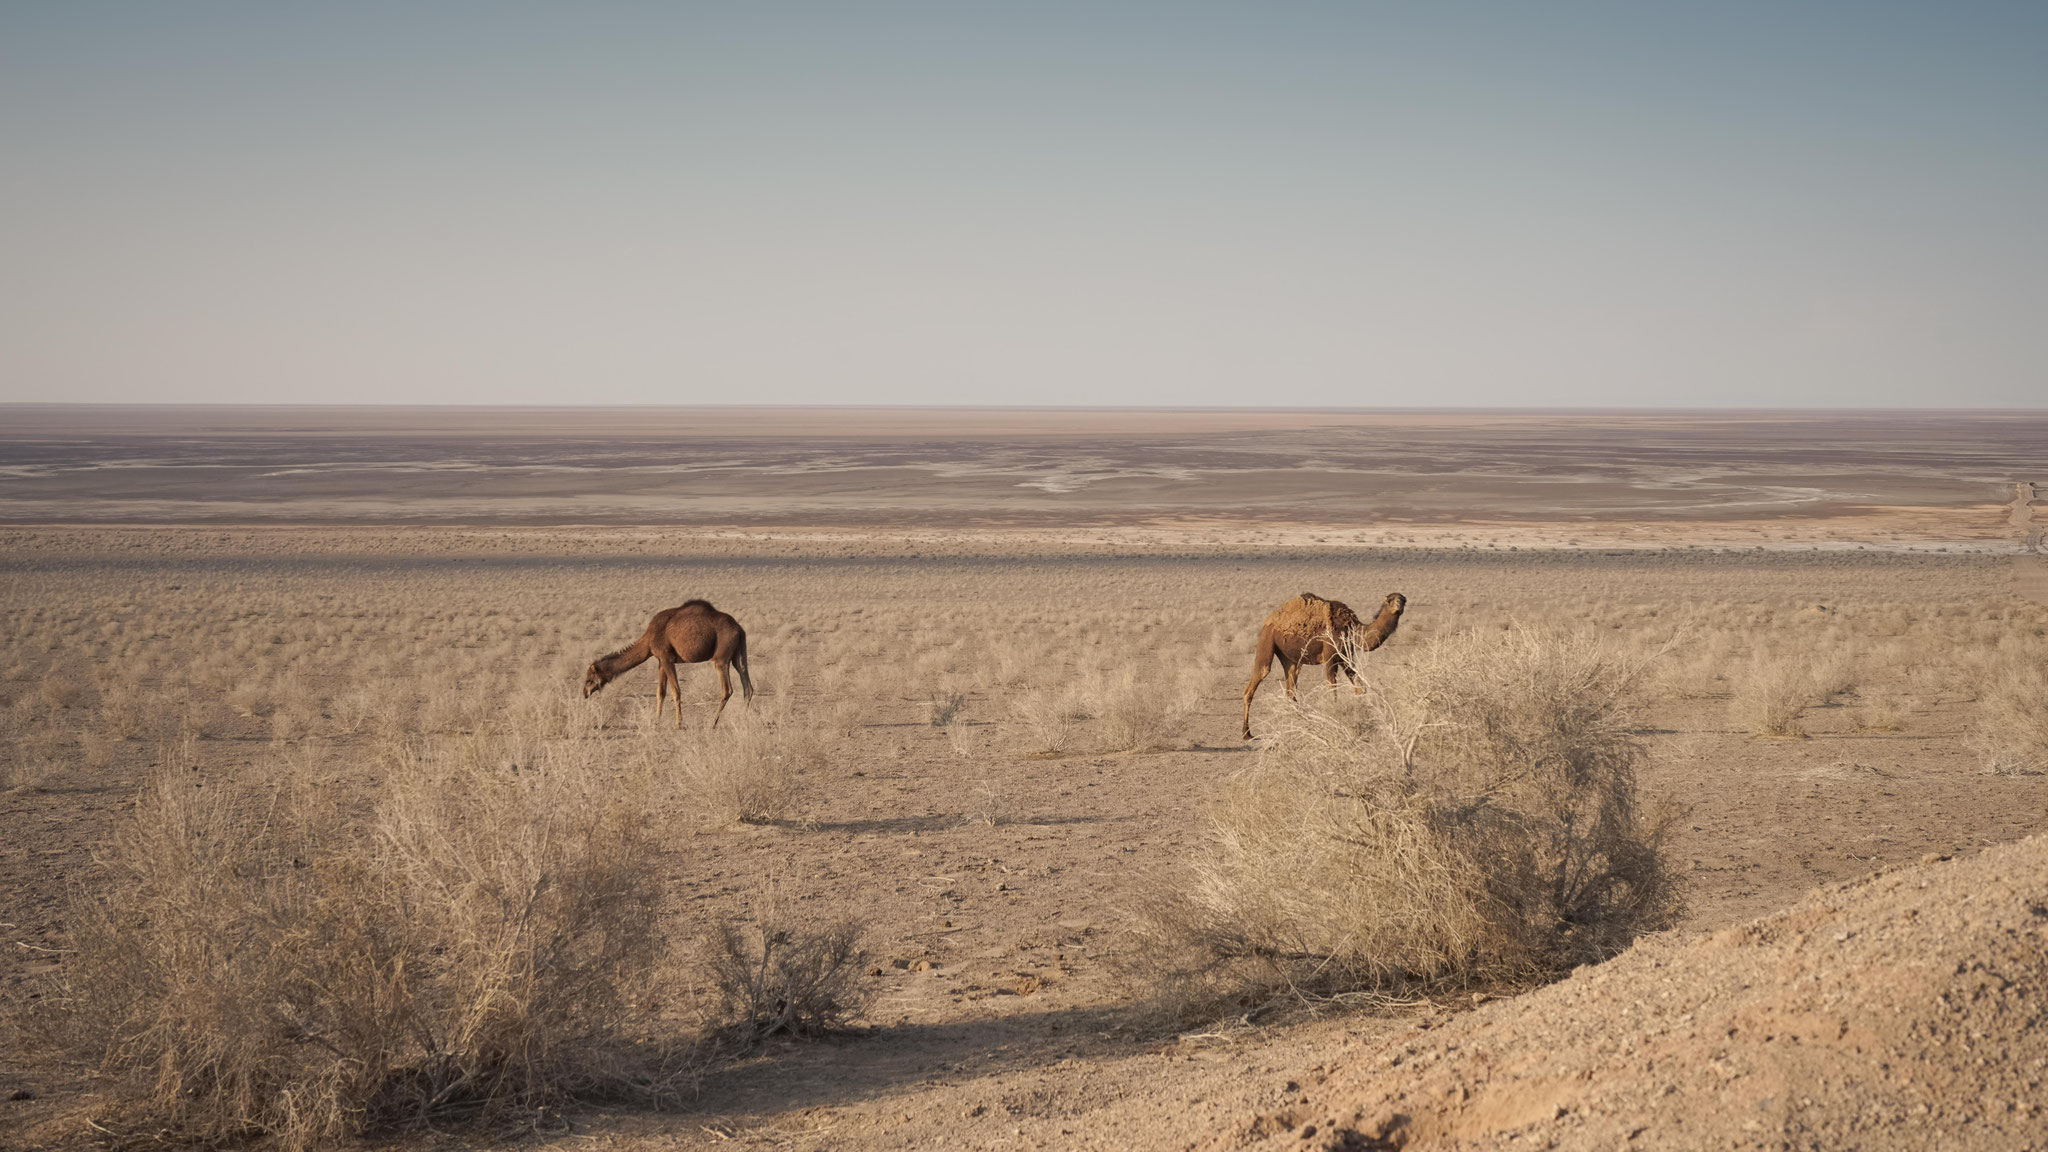 Kamele am Namaksee, einem Salzsee in der Nähe von Kashan im Iran